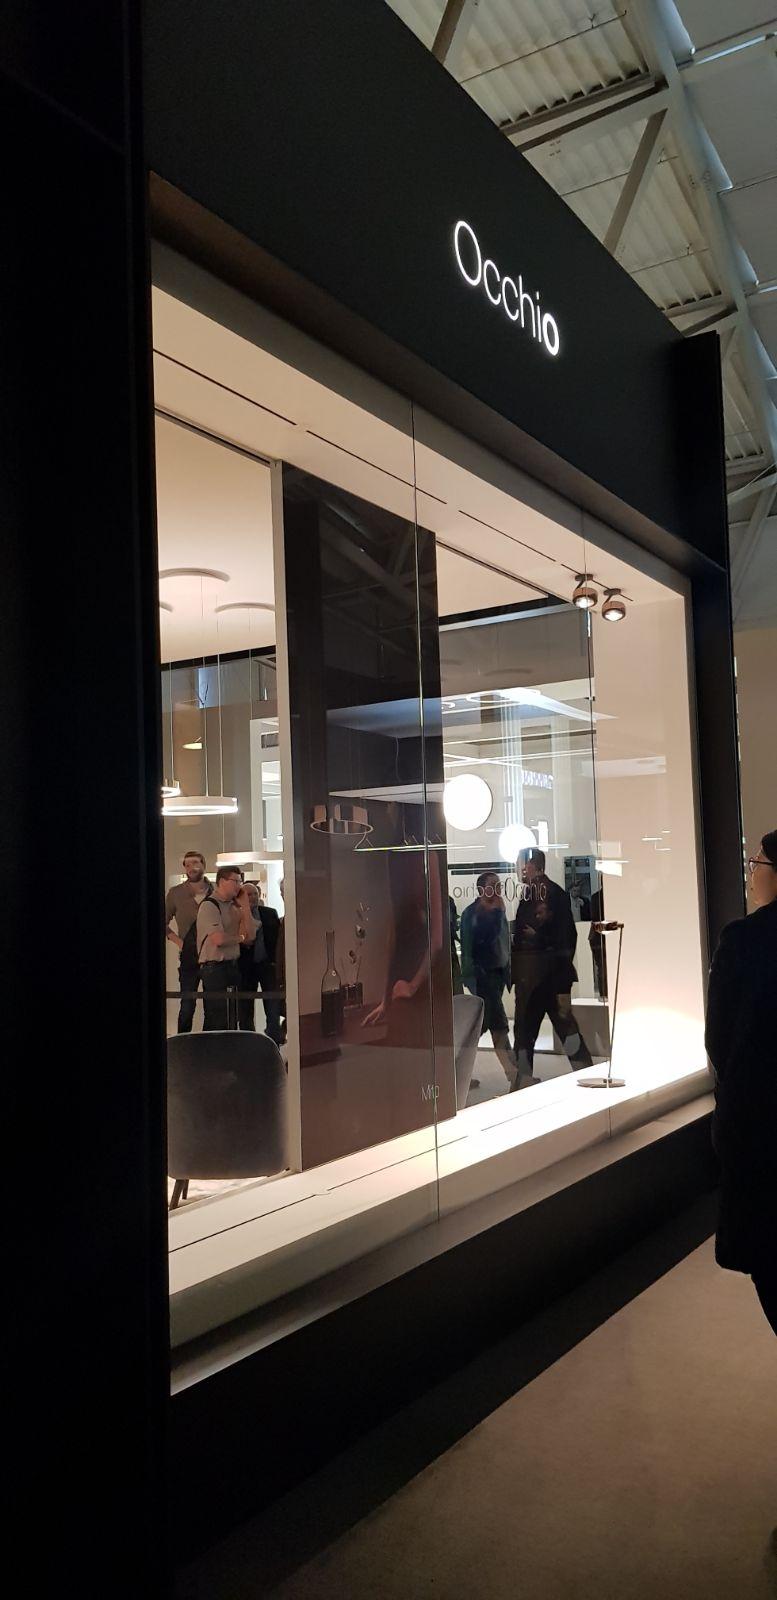 luxusmarken Top 5 Luxusmarken in der Frankfurt Messe 7ad7c0fb f336 4614 9b37 366c8c10ccca